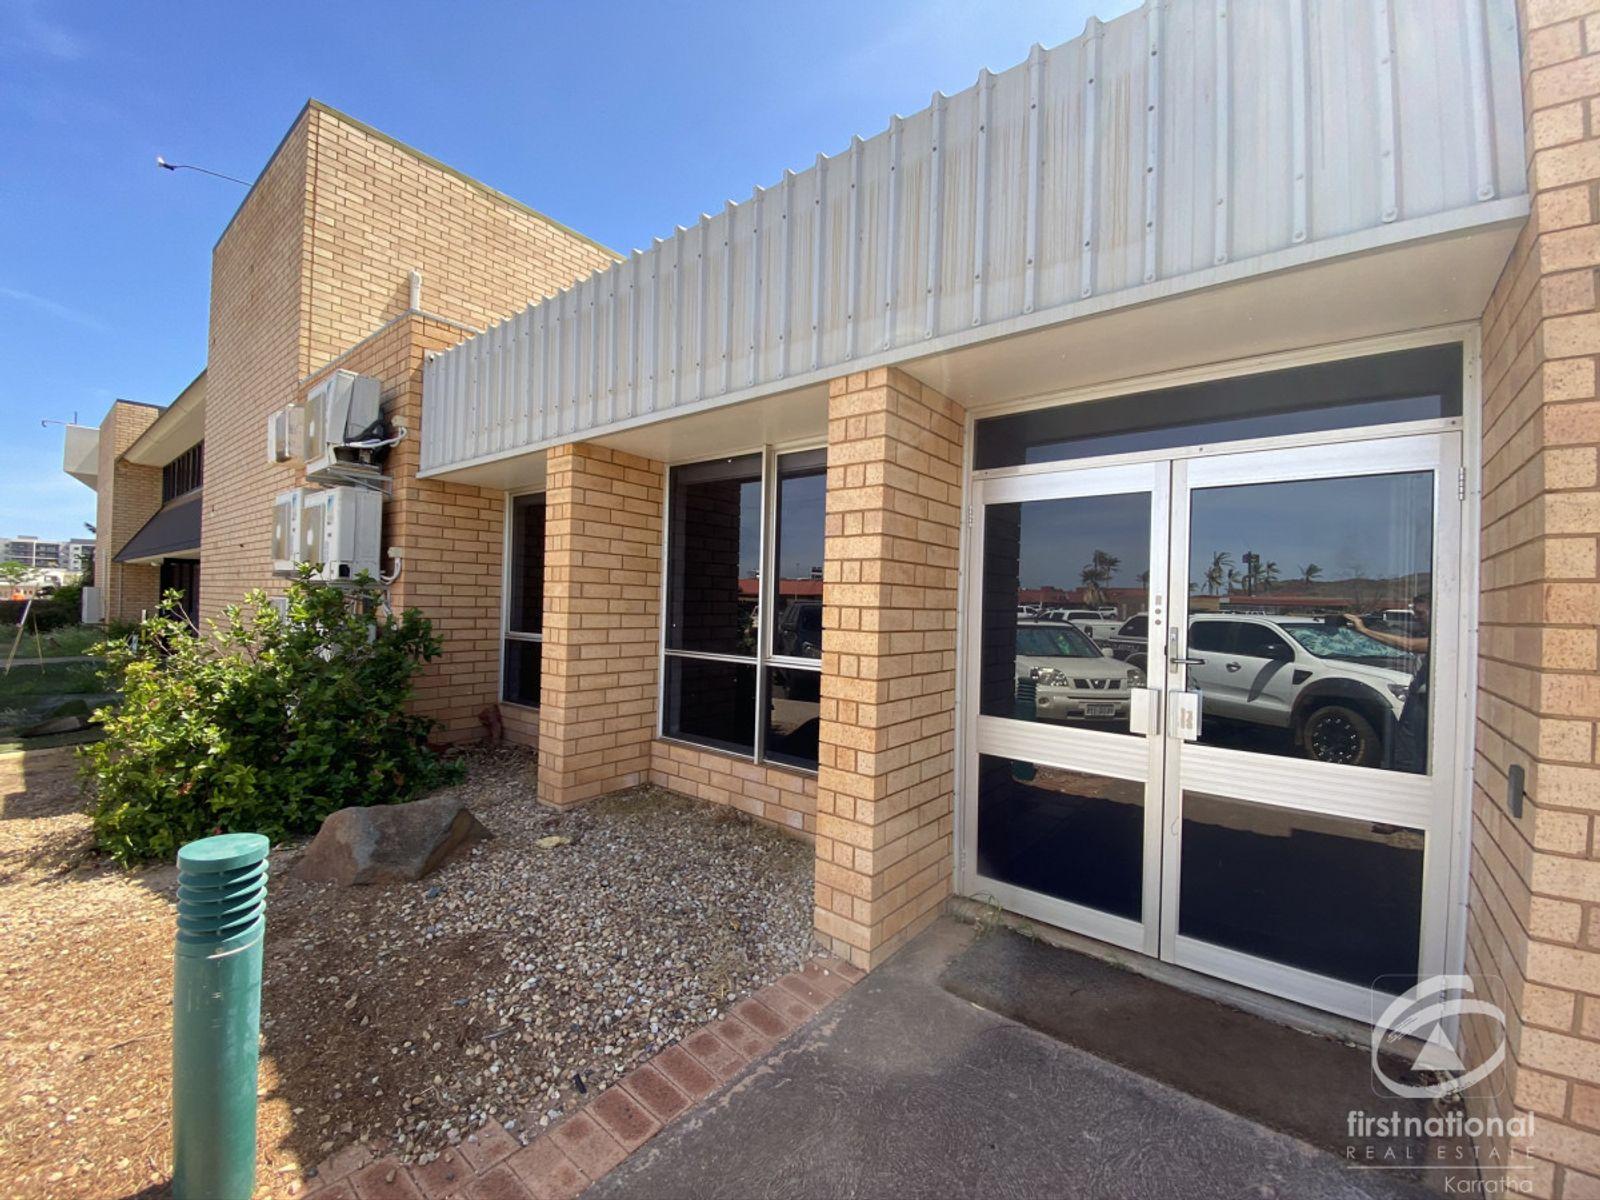 3/16 Hedland Place, Karratha, WA 6714